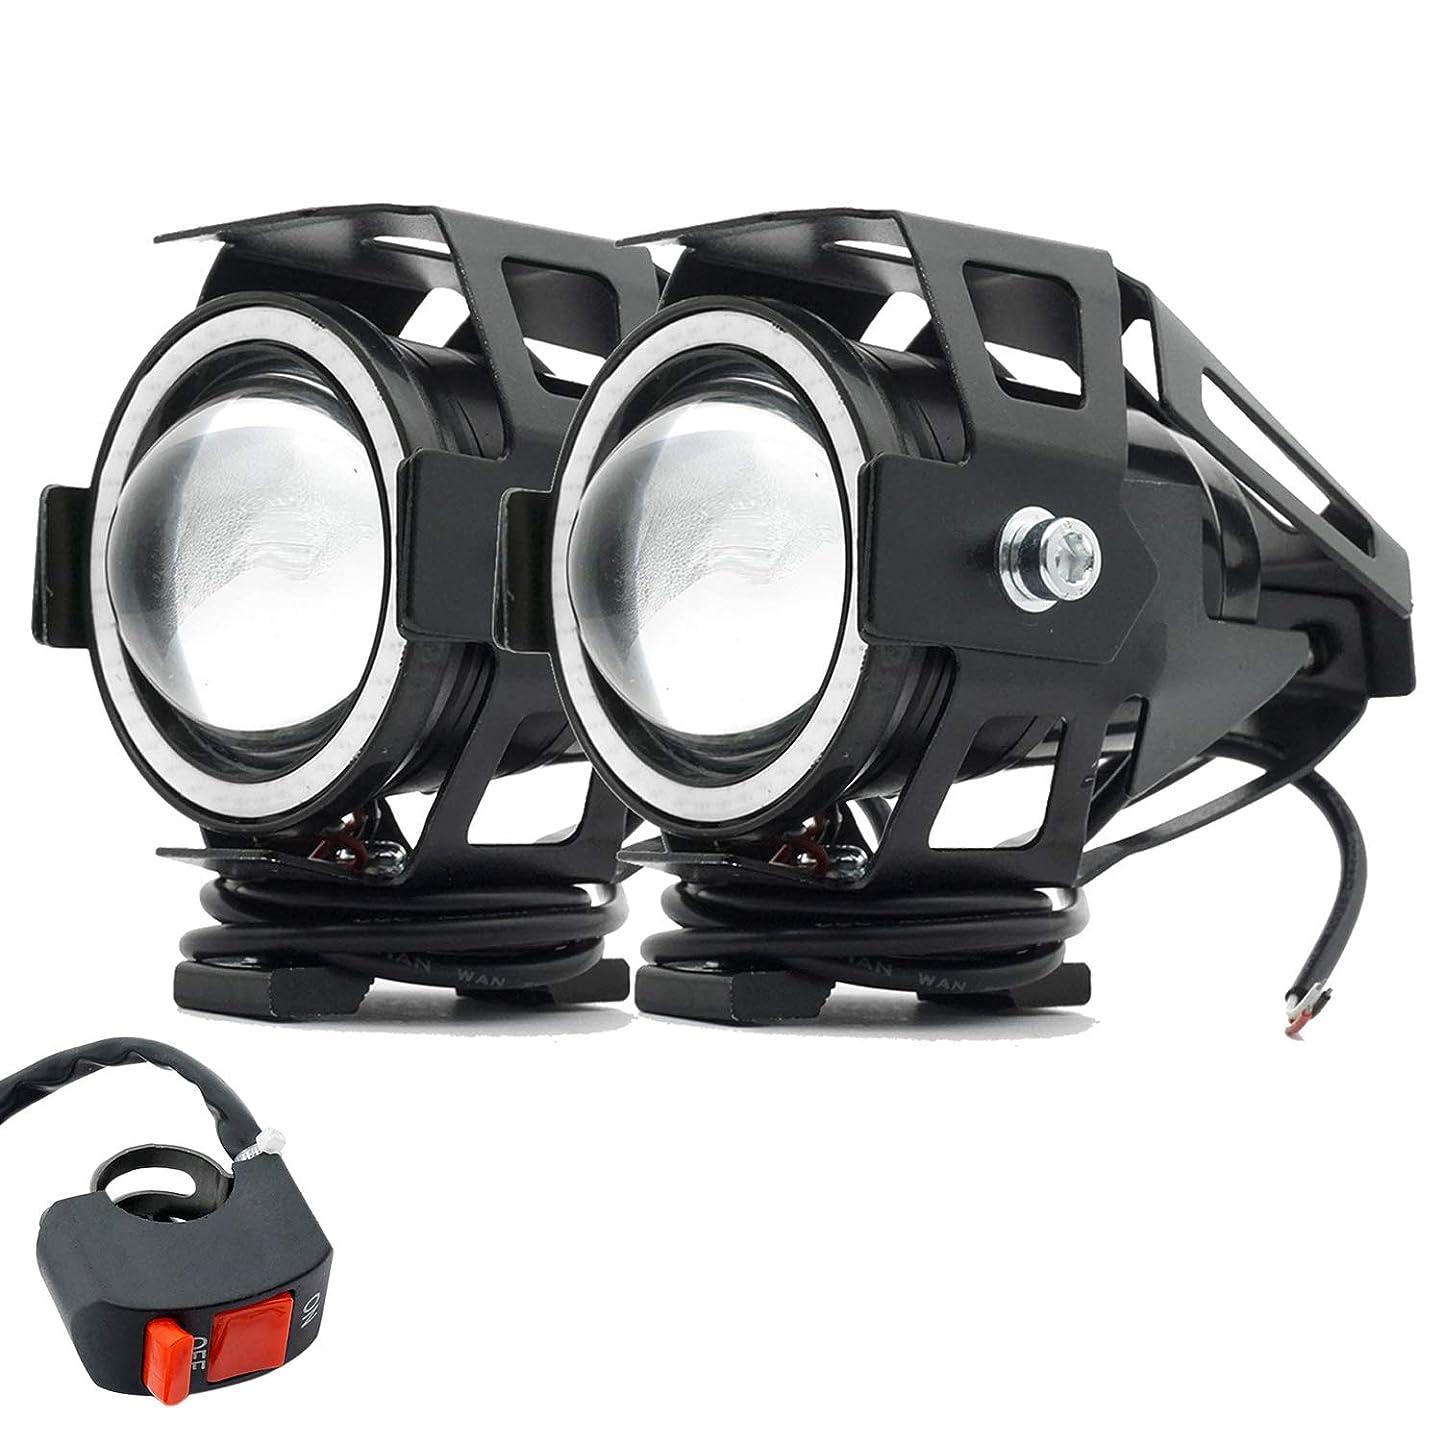 試してみる扇動スキルU7 バイク用 LED フォグランプ CREE製 Hi/Lo/ストロボ 3モード切替 イカリング付き ヘッドライト プロジェクター 12V~80V 汎用 IP67防水 ホワイト+ブルー スイッチ付け 2個セット